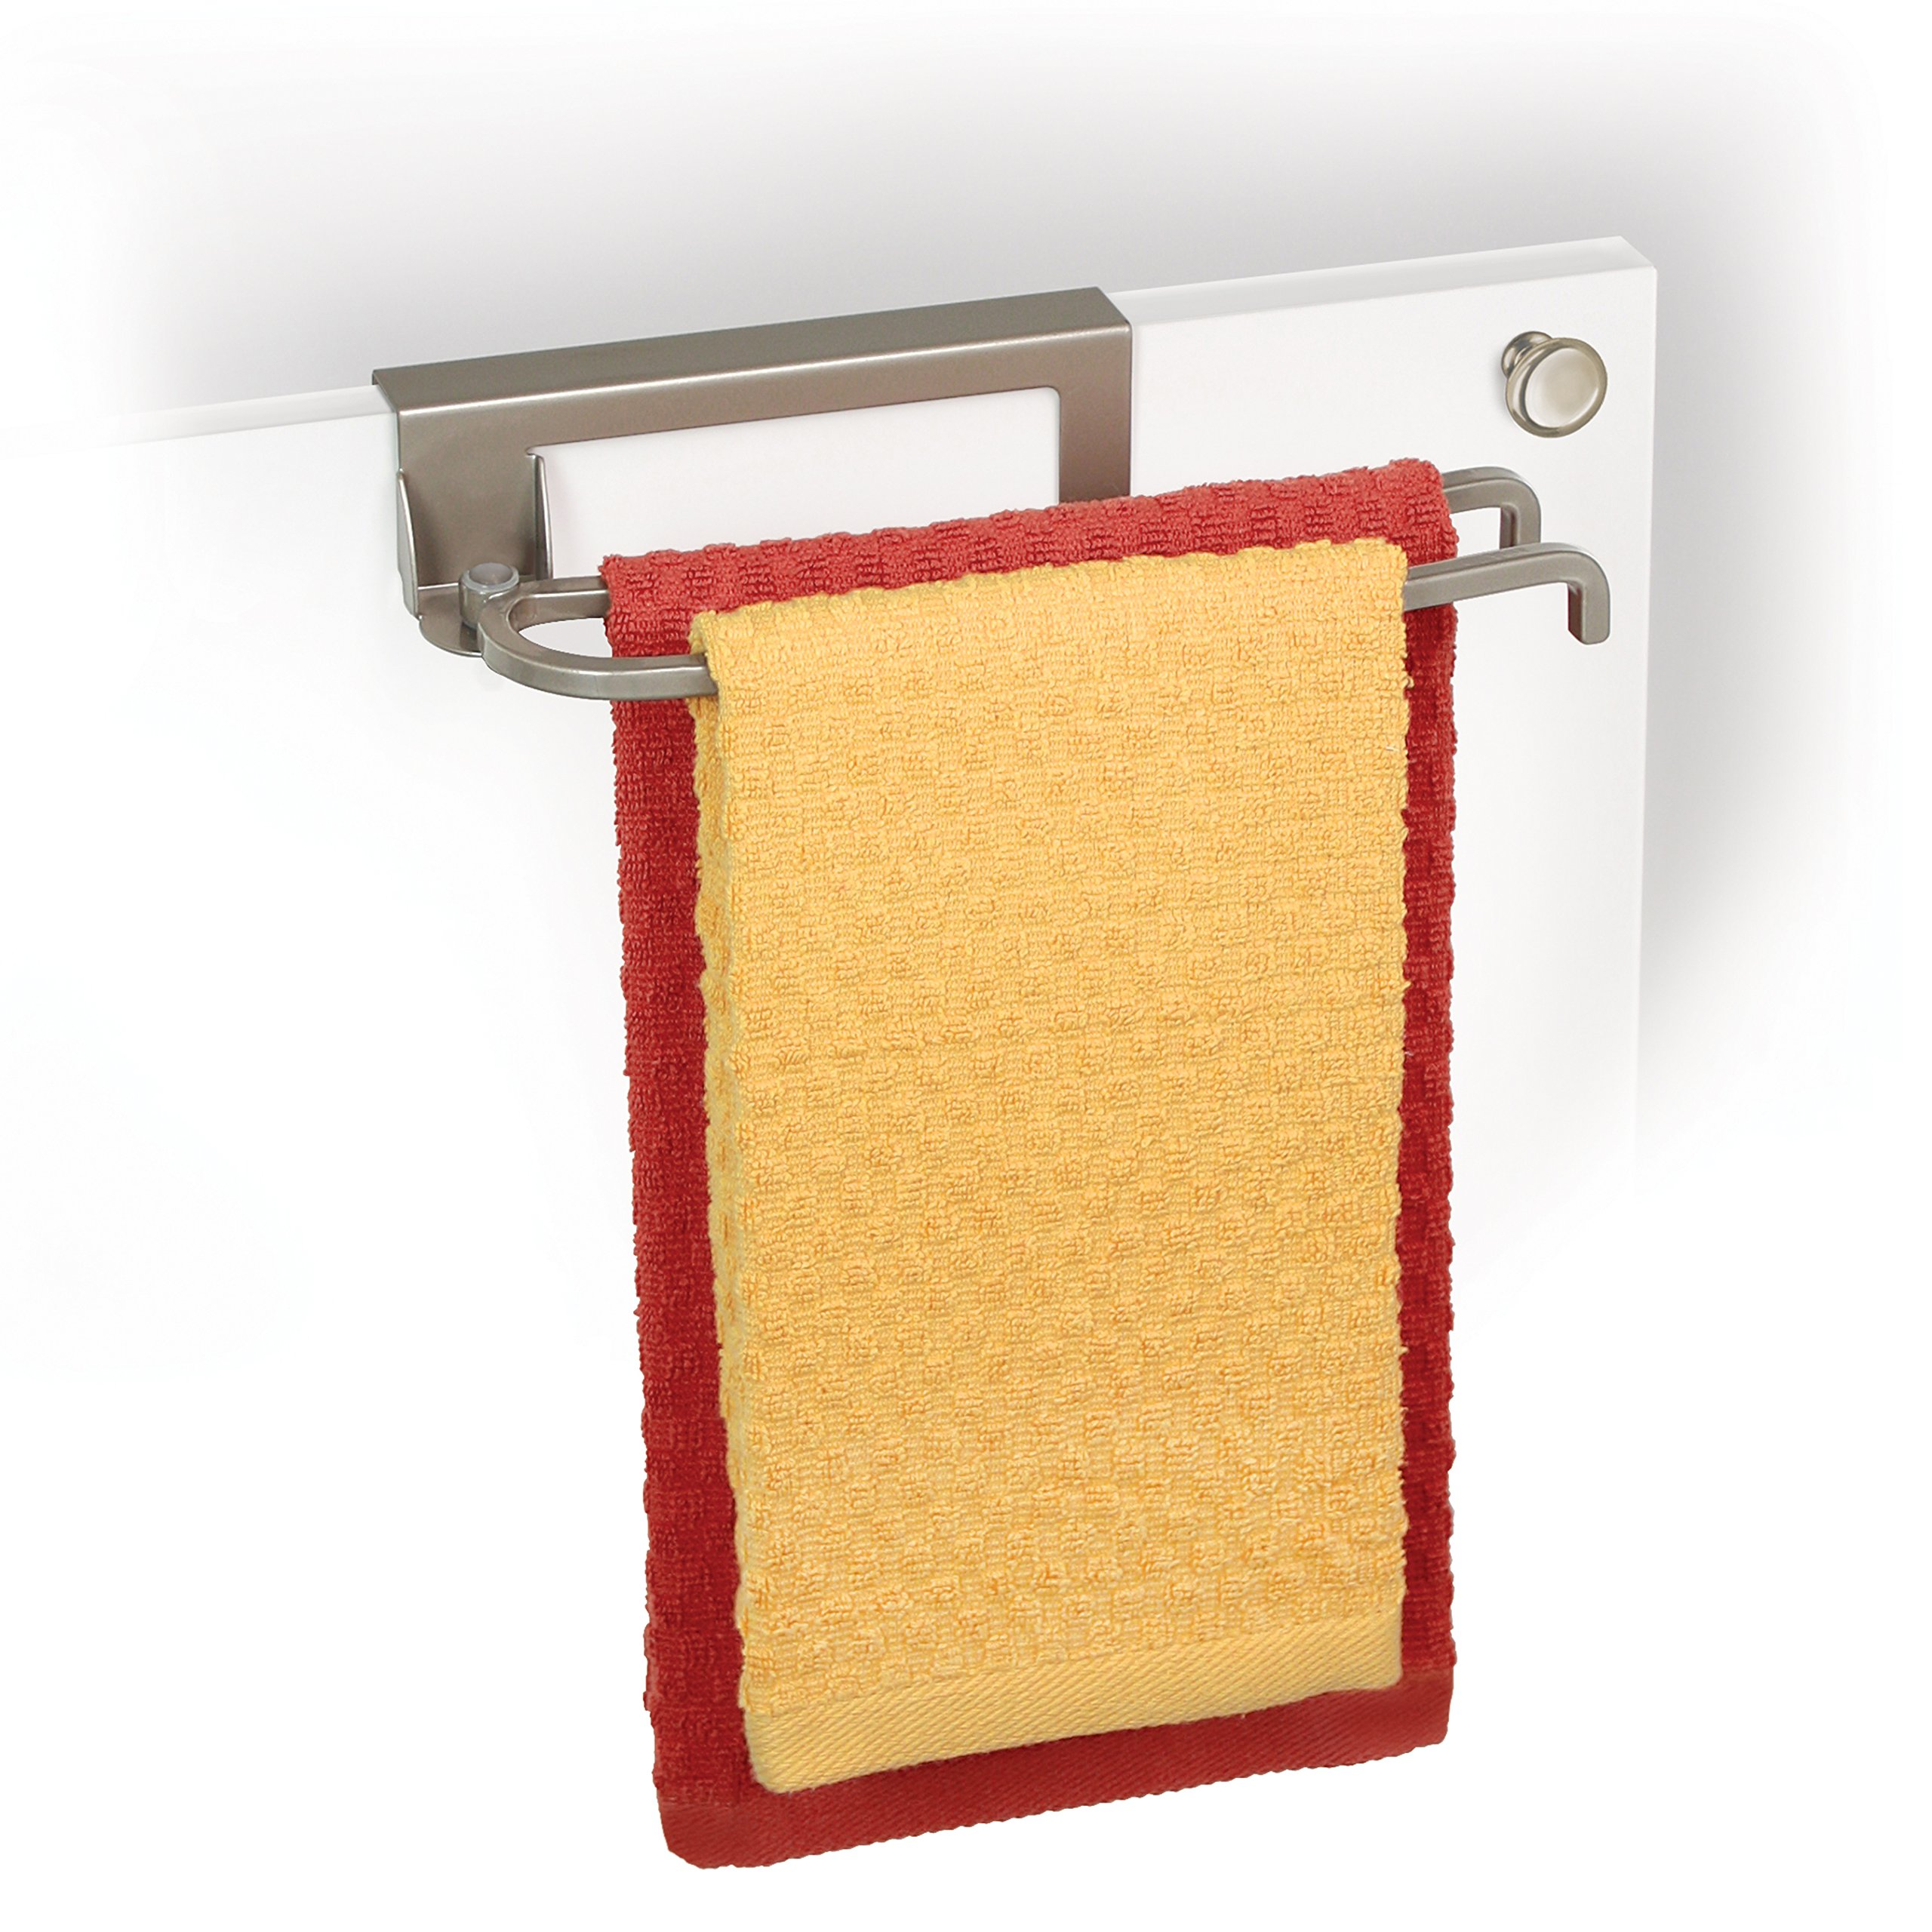 Lynk 611710 Over Cabinet Door Organizer Pivoting Towel Bars, Satin-Nickel